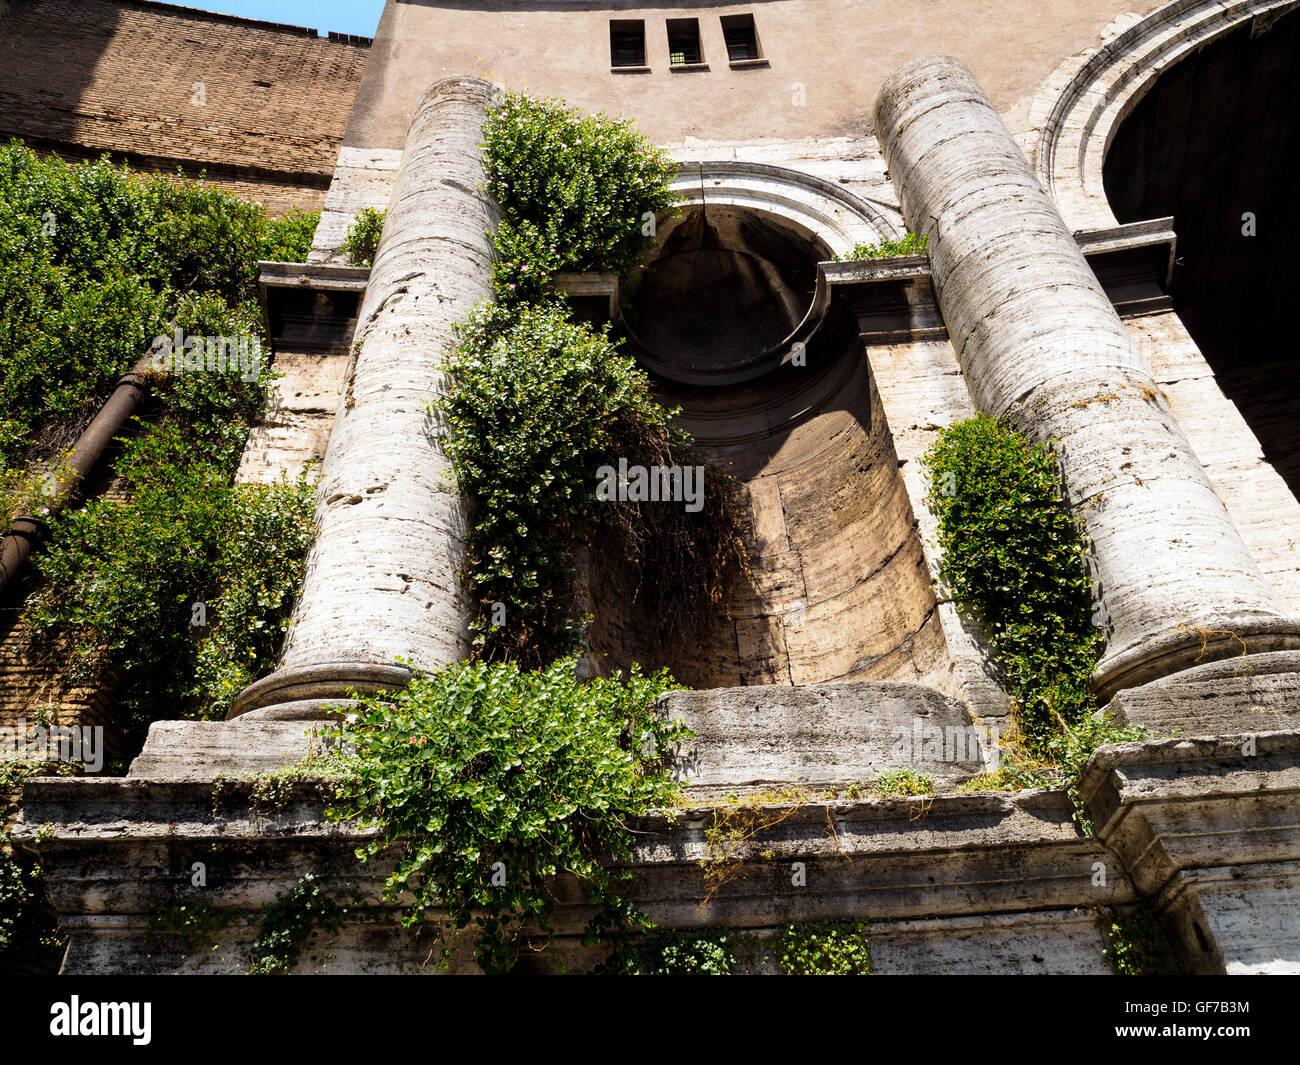 Columns of Porta di Santo Spirito - Rome, Italy - Stock Image